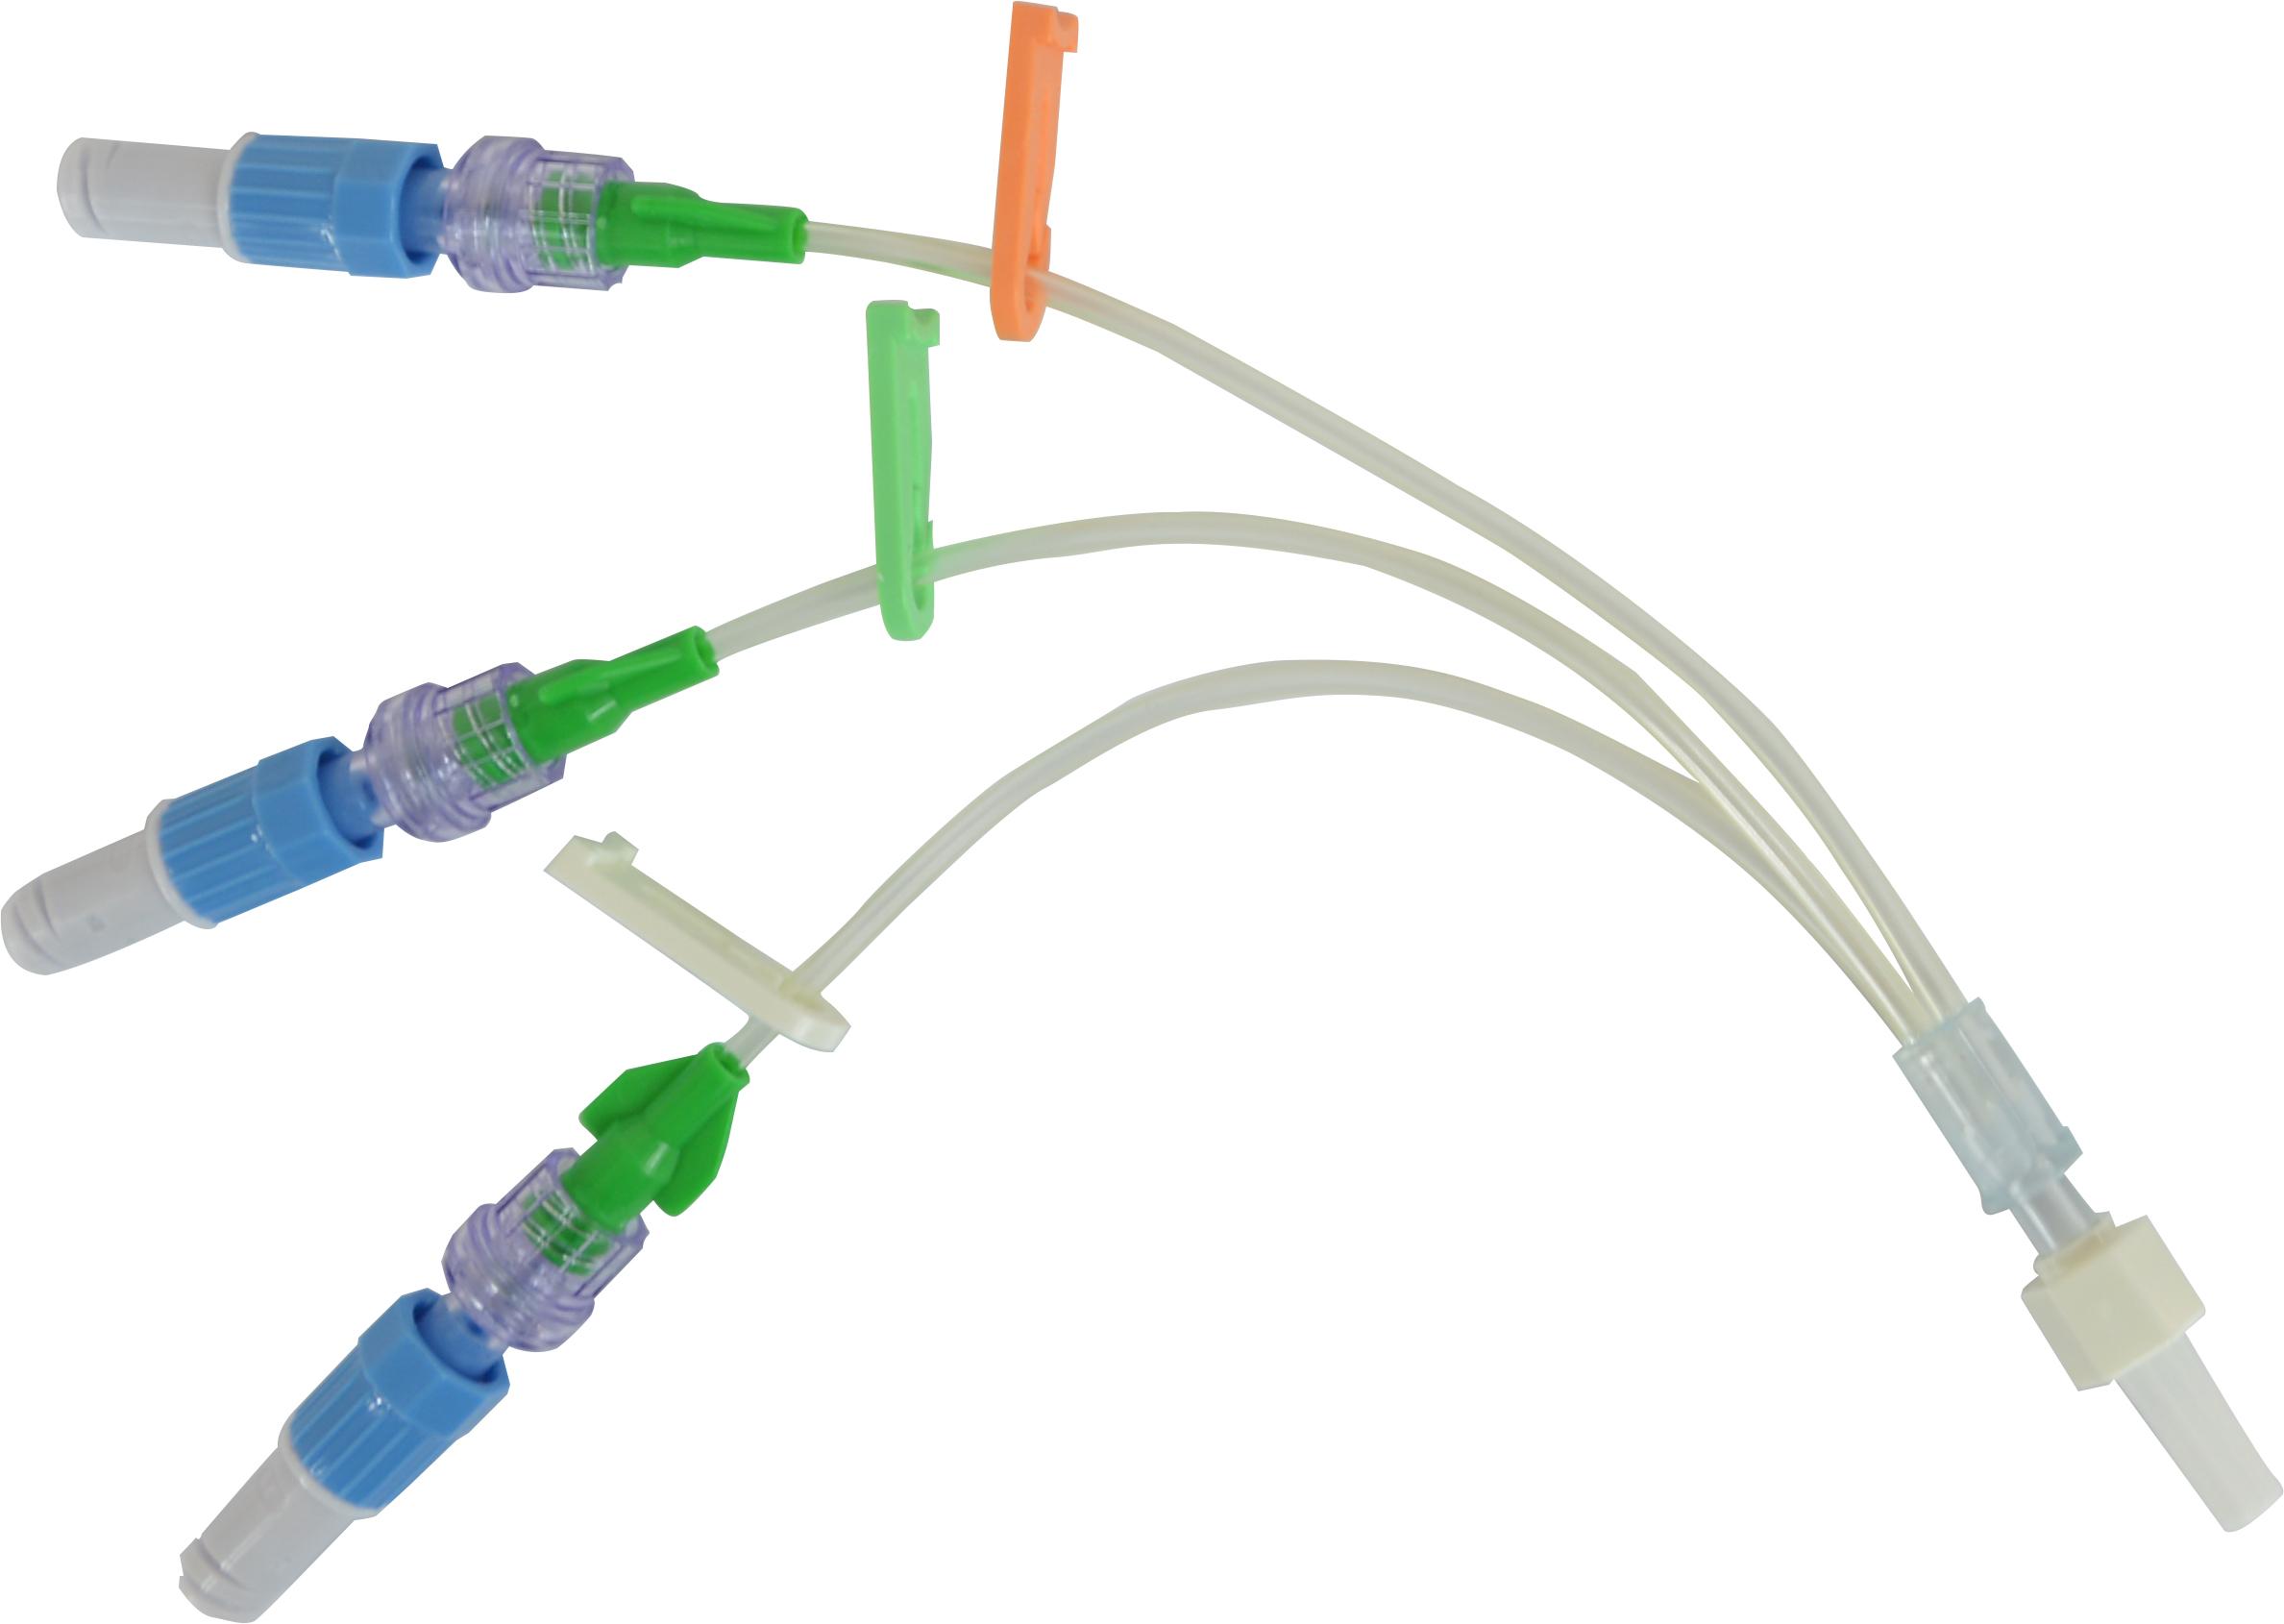 Triple lumen extension tube with Autoflush